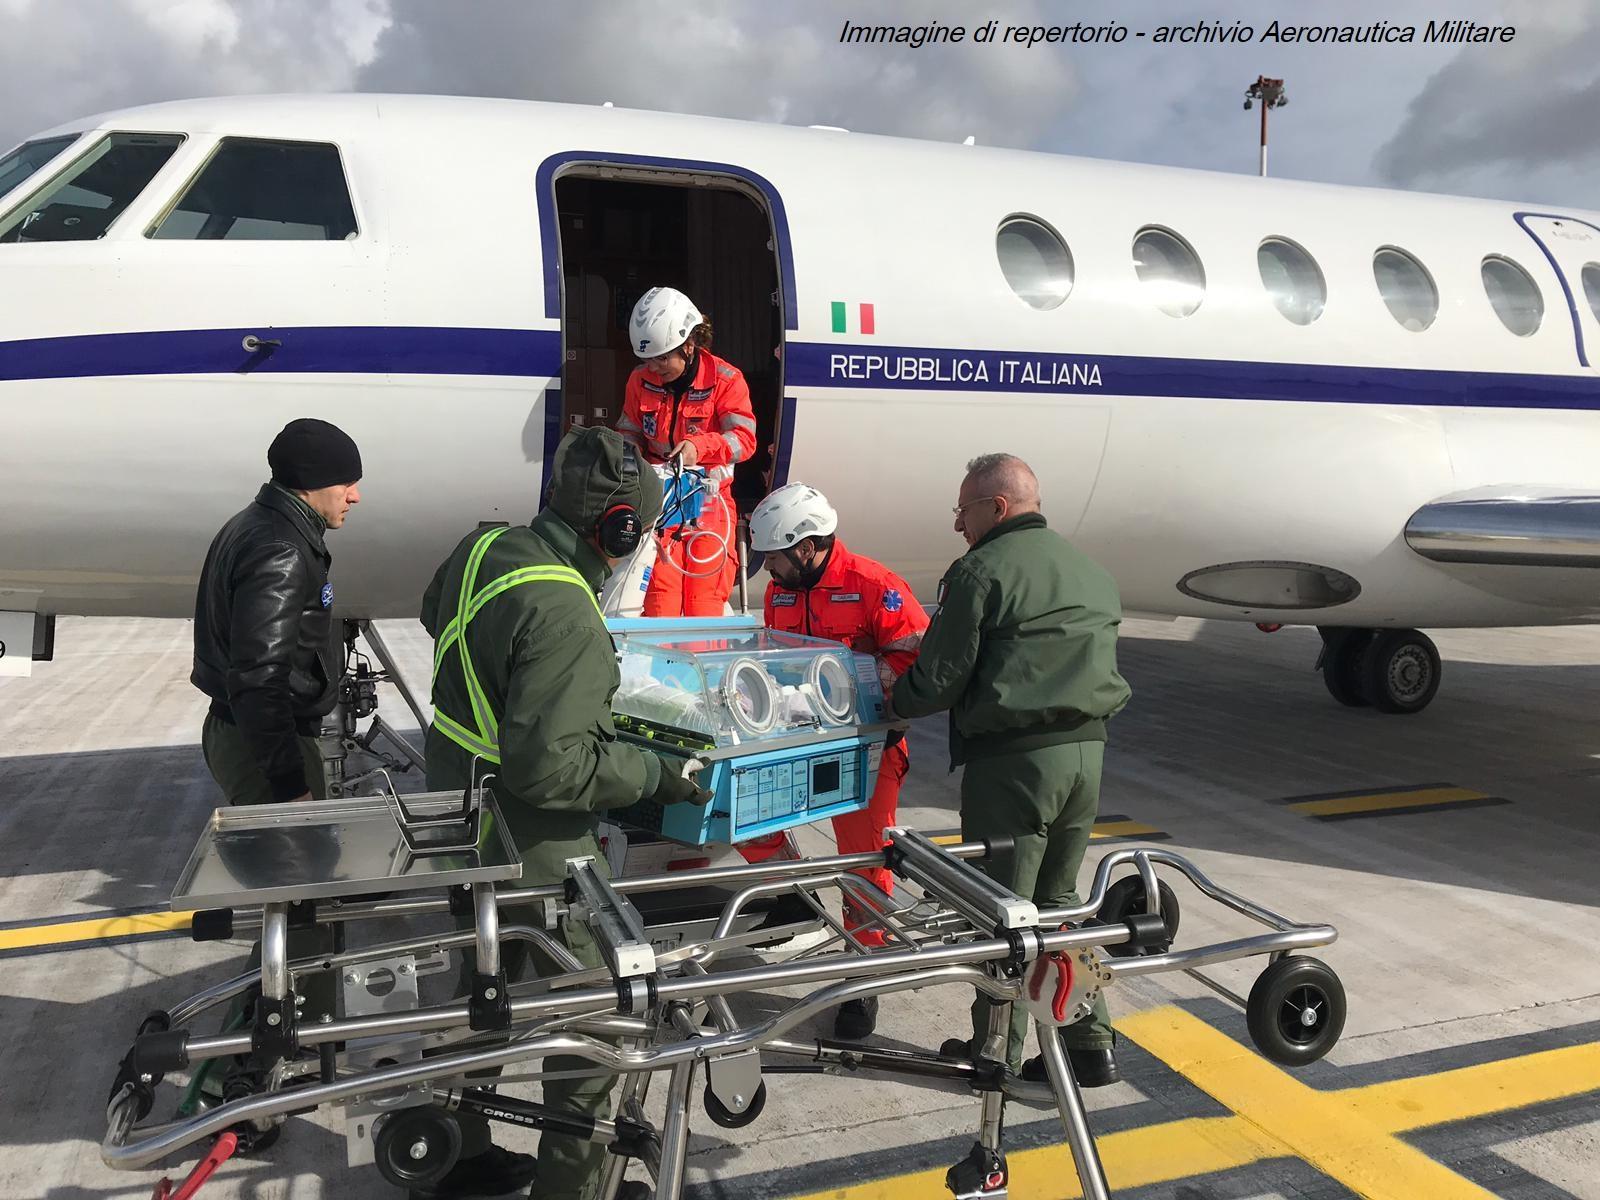 eronautica, soccorso aereo: neonato in culla termica verso il Bambino Gesù  Il piccolo è stato trasportato dalla Calabria a bordo di un Falcon 900 dell'Aeronautica Militare